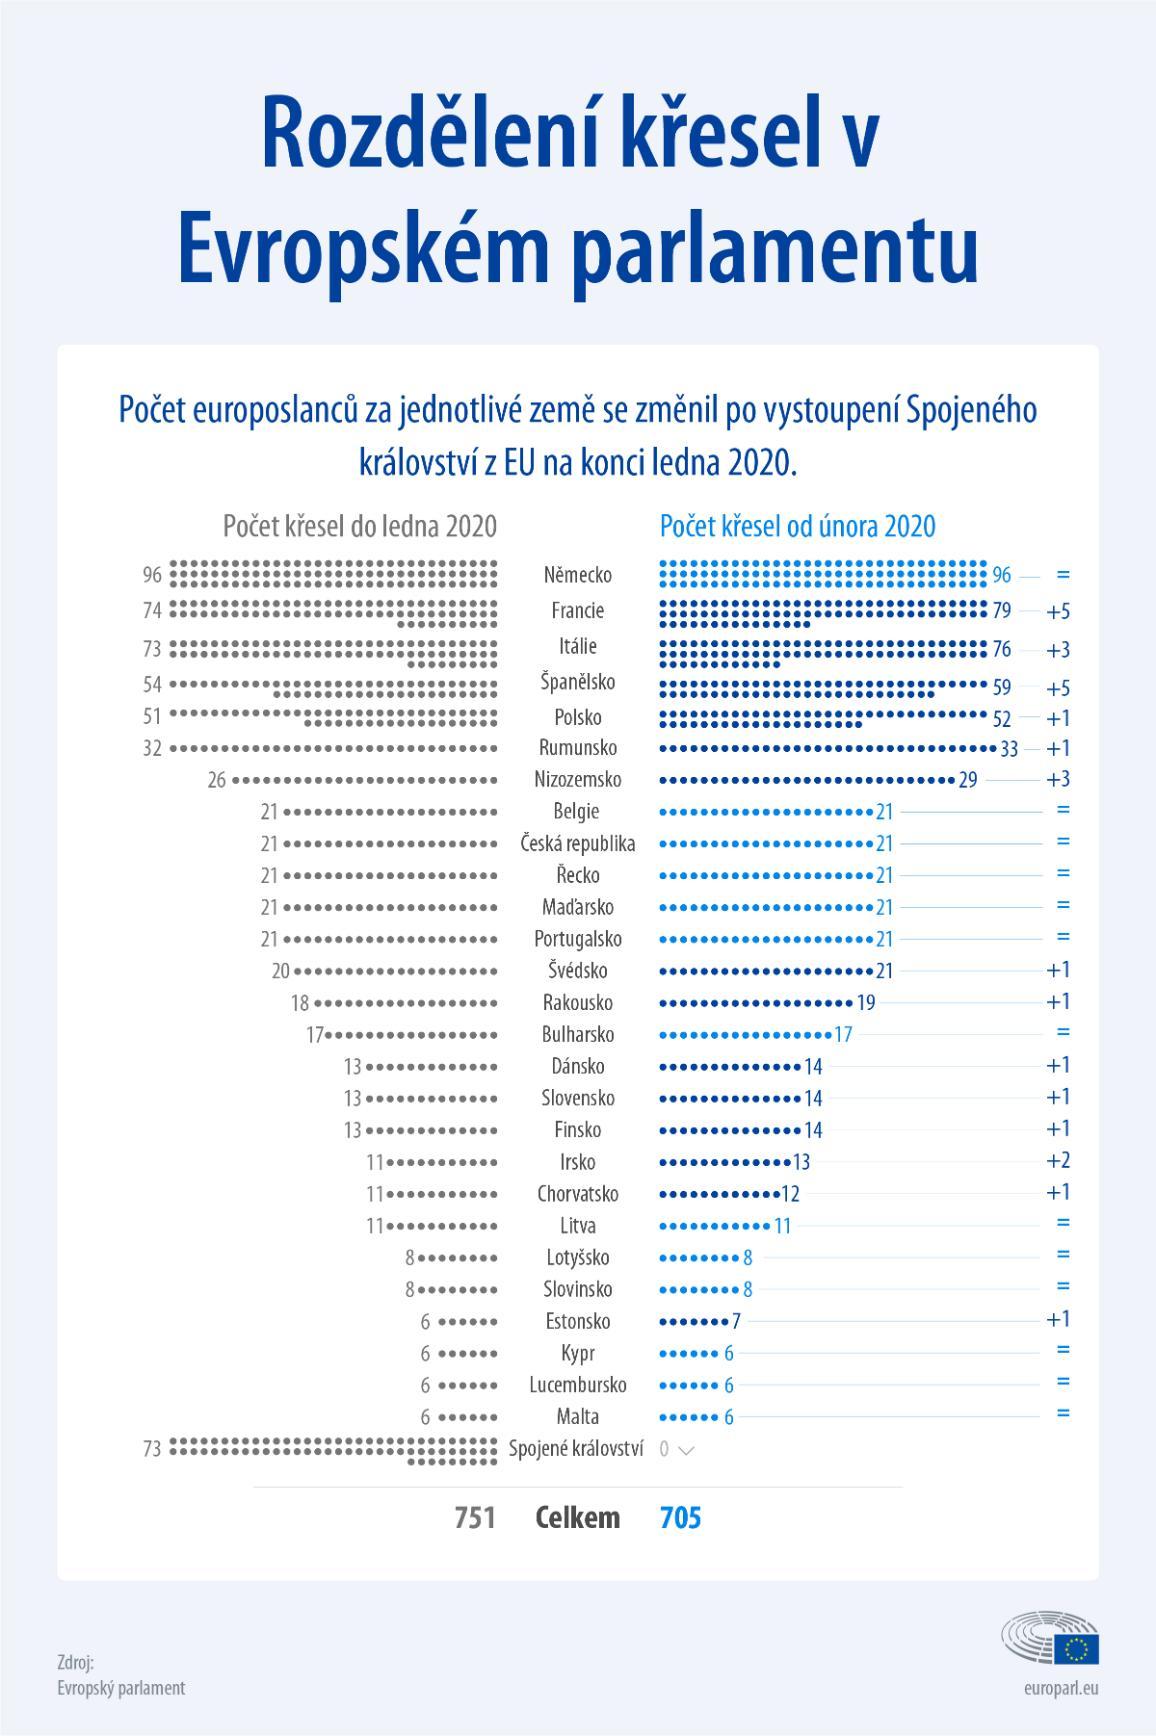 Kolik mají země EU křesel v europarlamentu - infografika